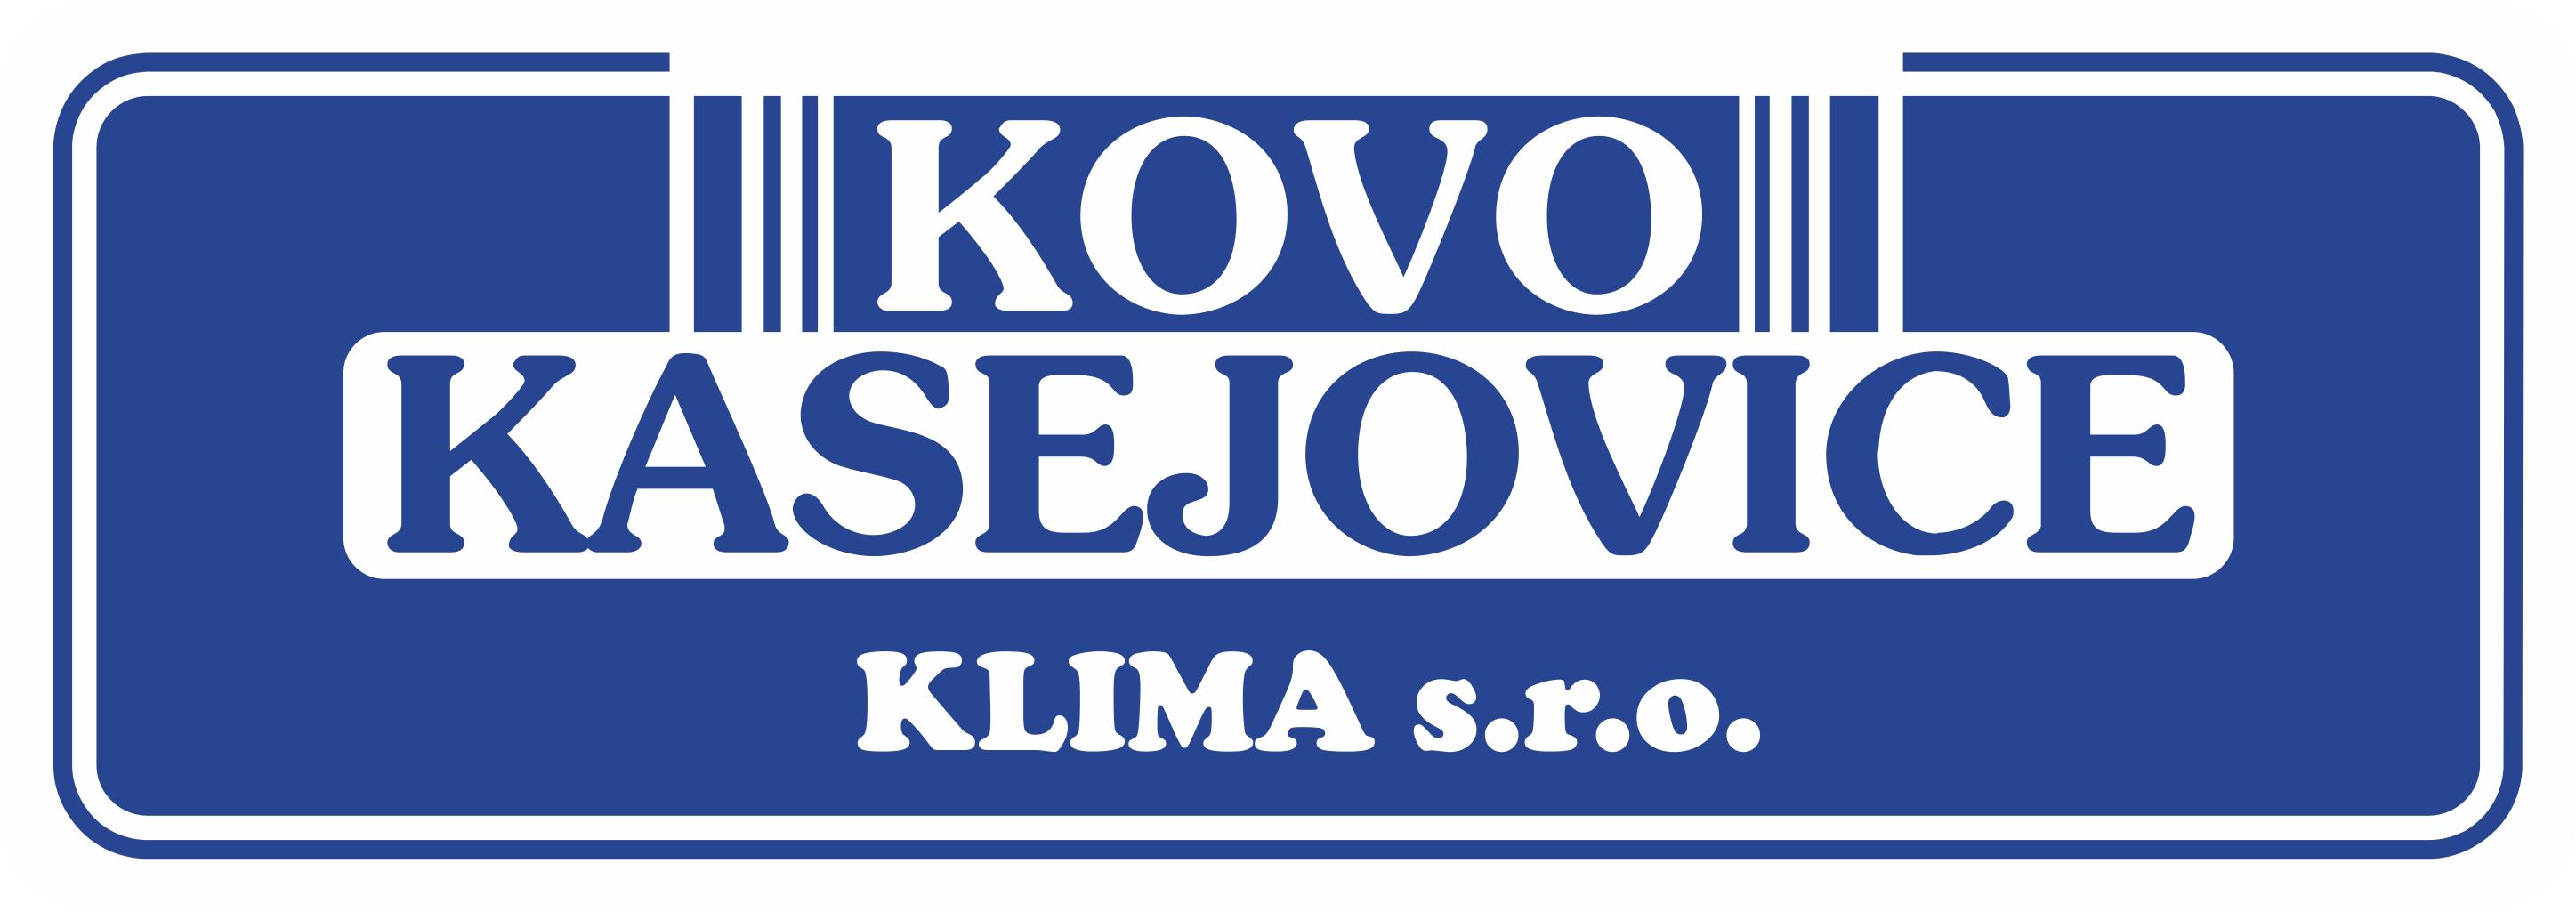 Kovo Kasejovice – Klima